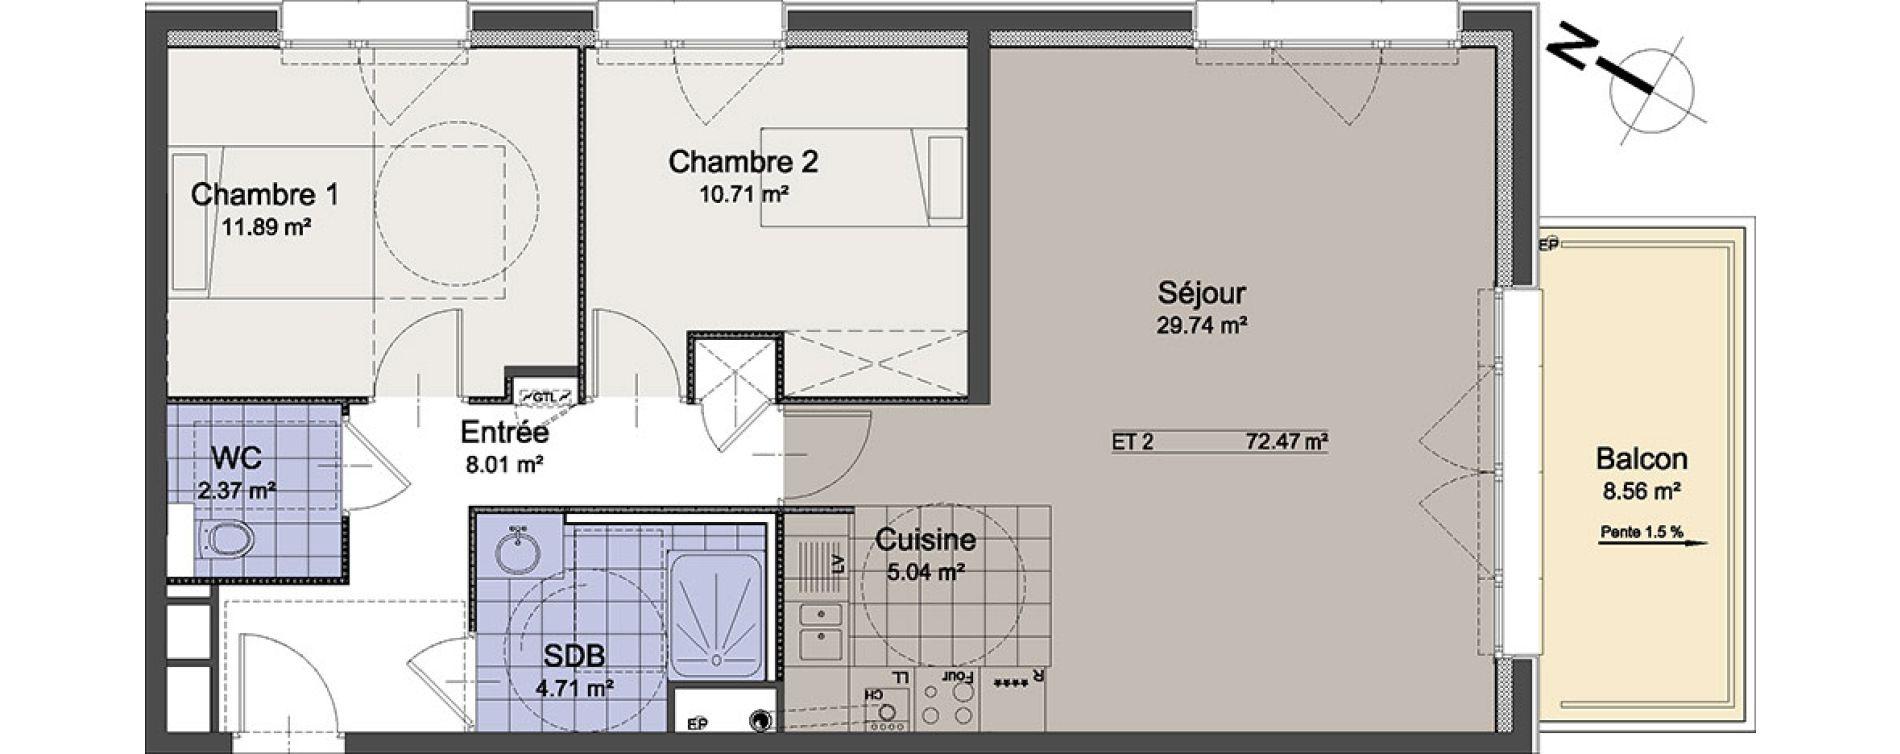 Appartement T3 de 72,47 m2 à Linselles Centre